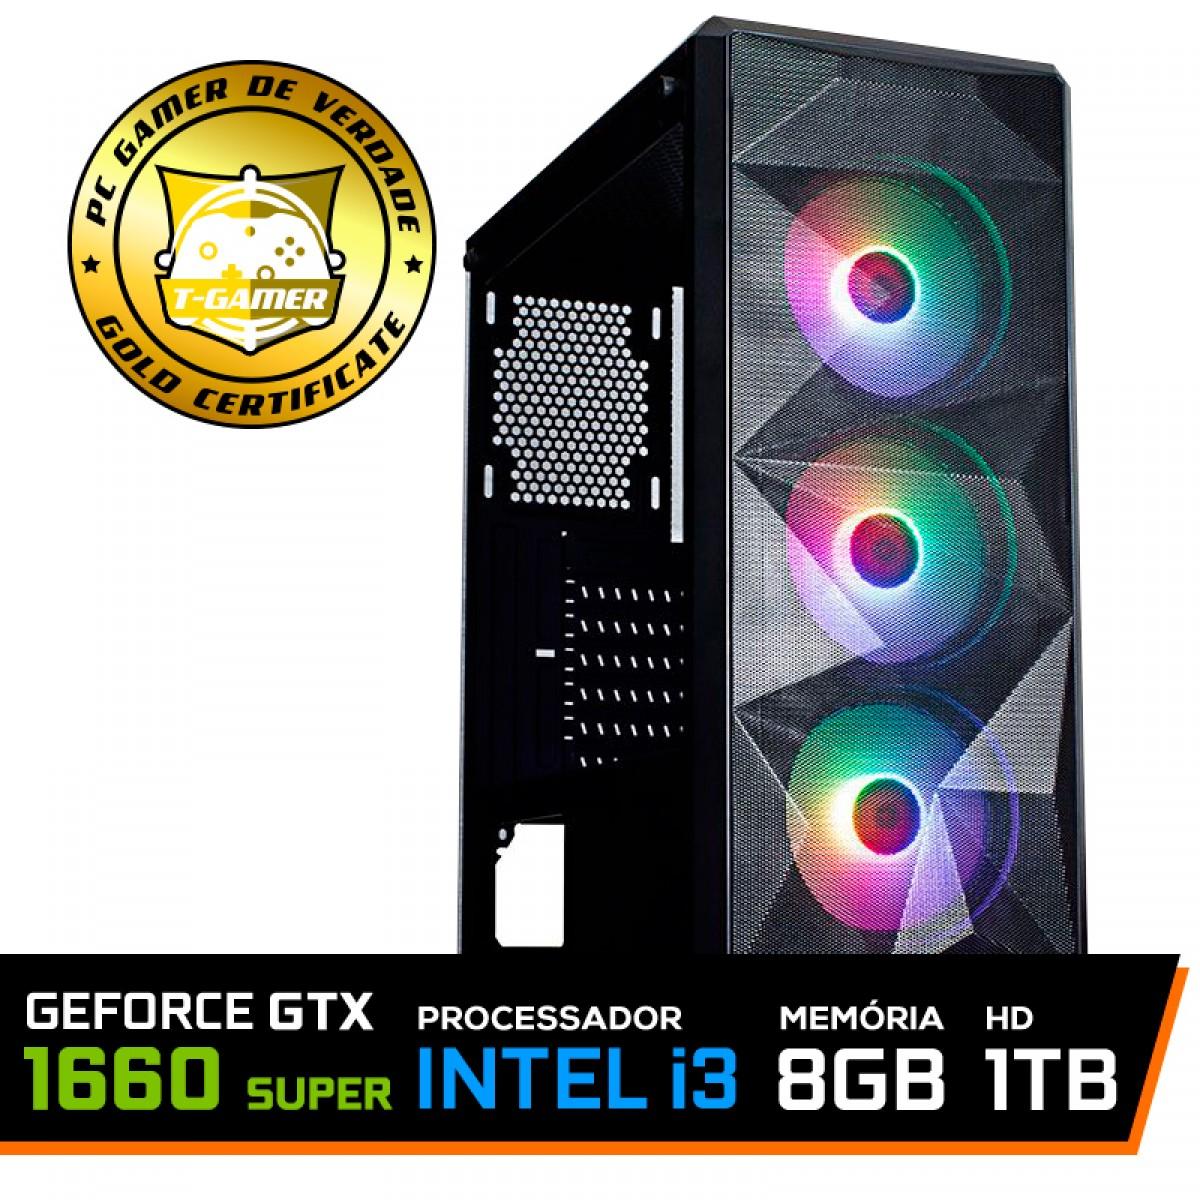 Pc Gamer T-Rival LVL-7 Intel Core i3 10100 / GeForce GTX 1660 Super / DDR4 8GB / HD 1TB / 500W